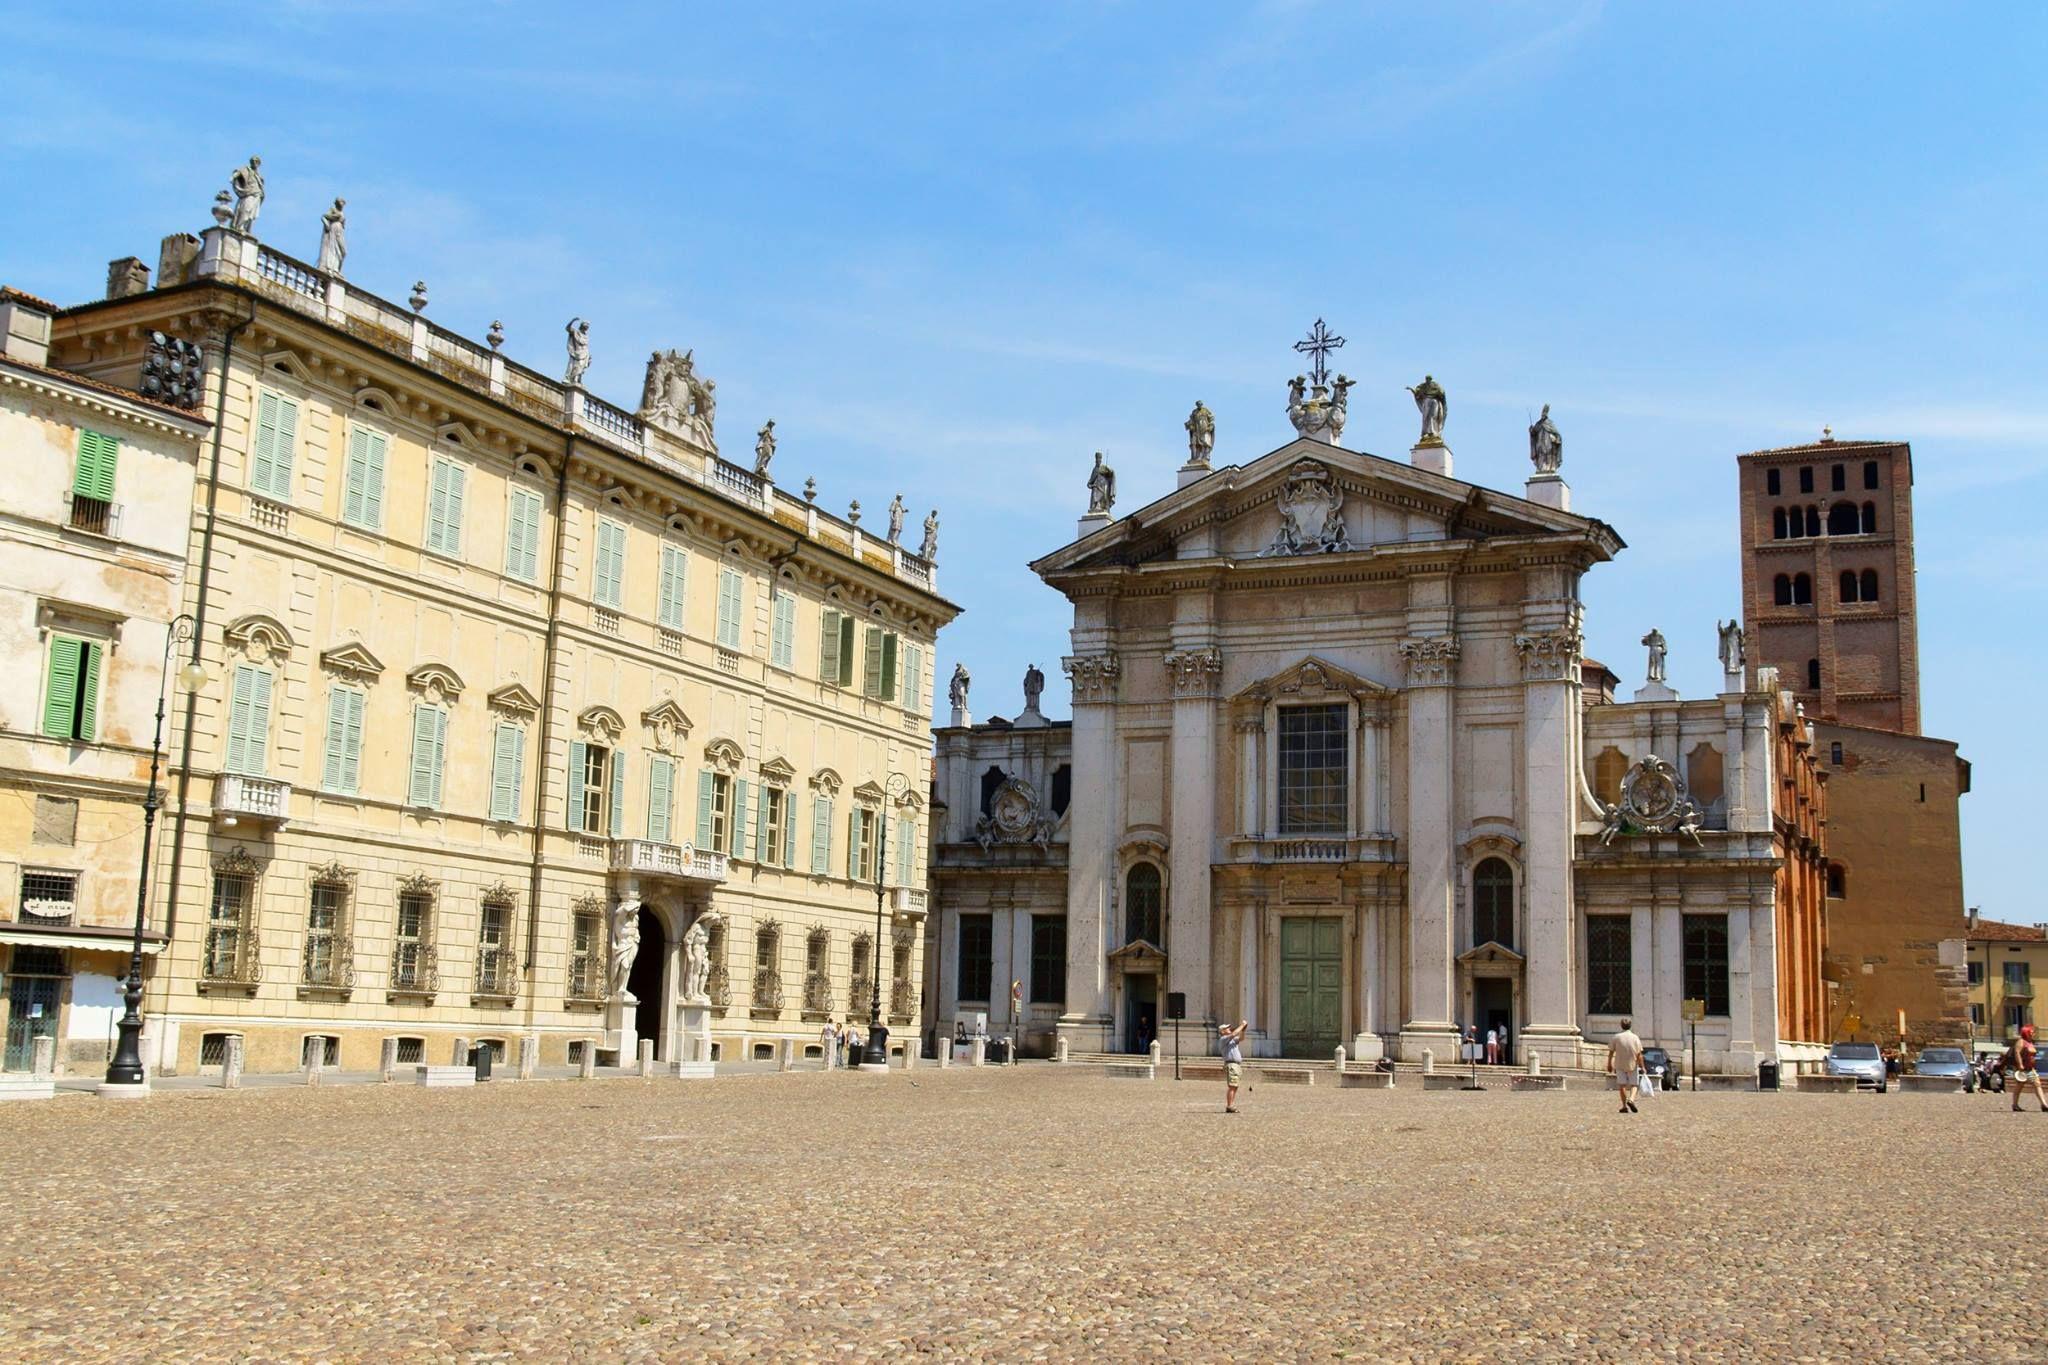 Det finns mycket att se i Mantua, men du får inte missa: - Palazzo Ducale  - Piazza Sordello